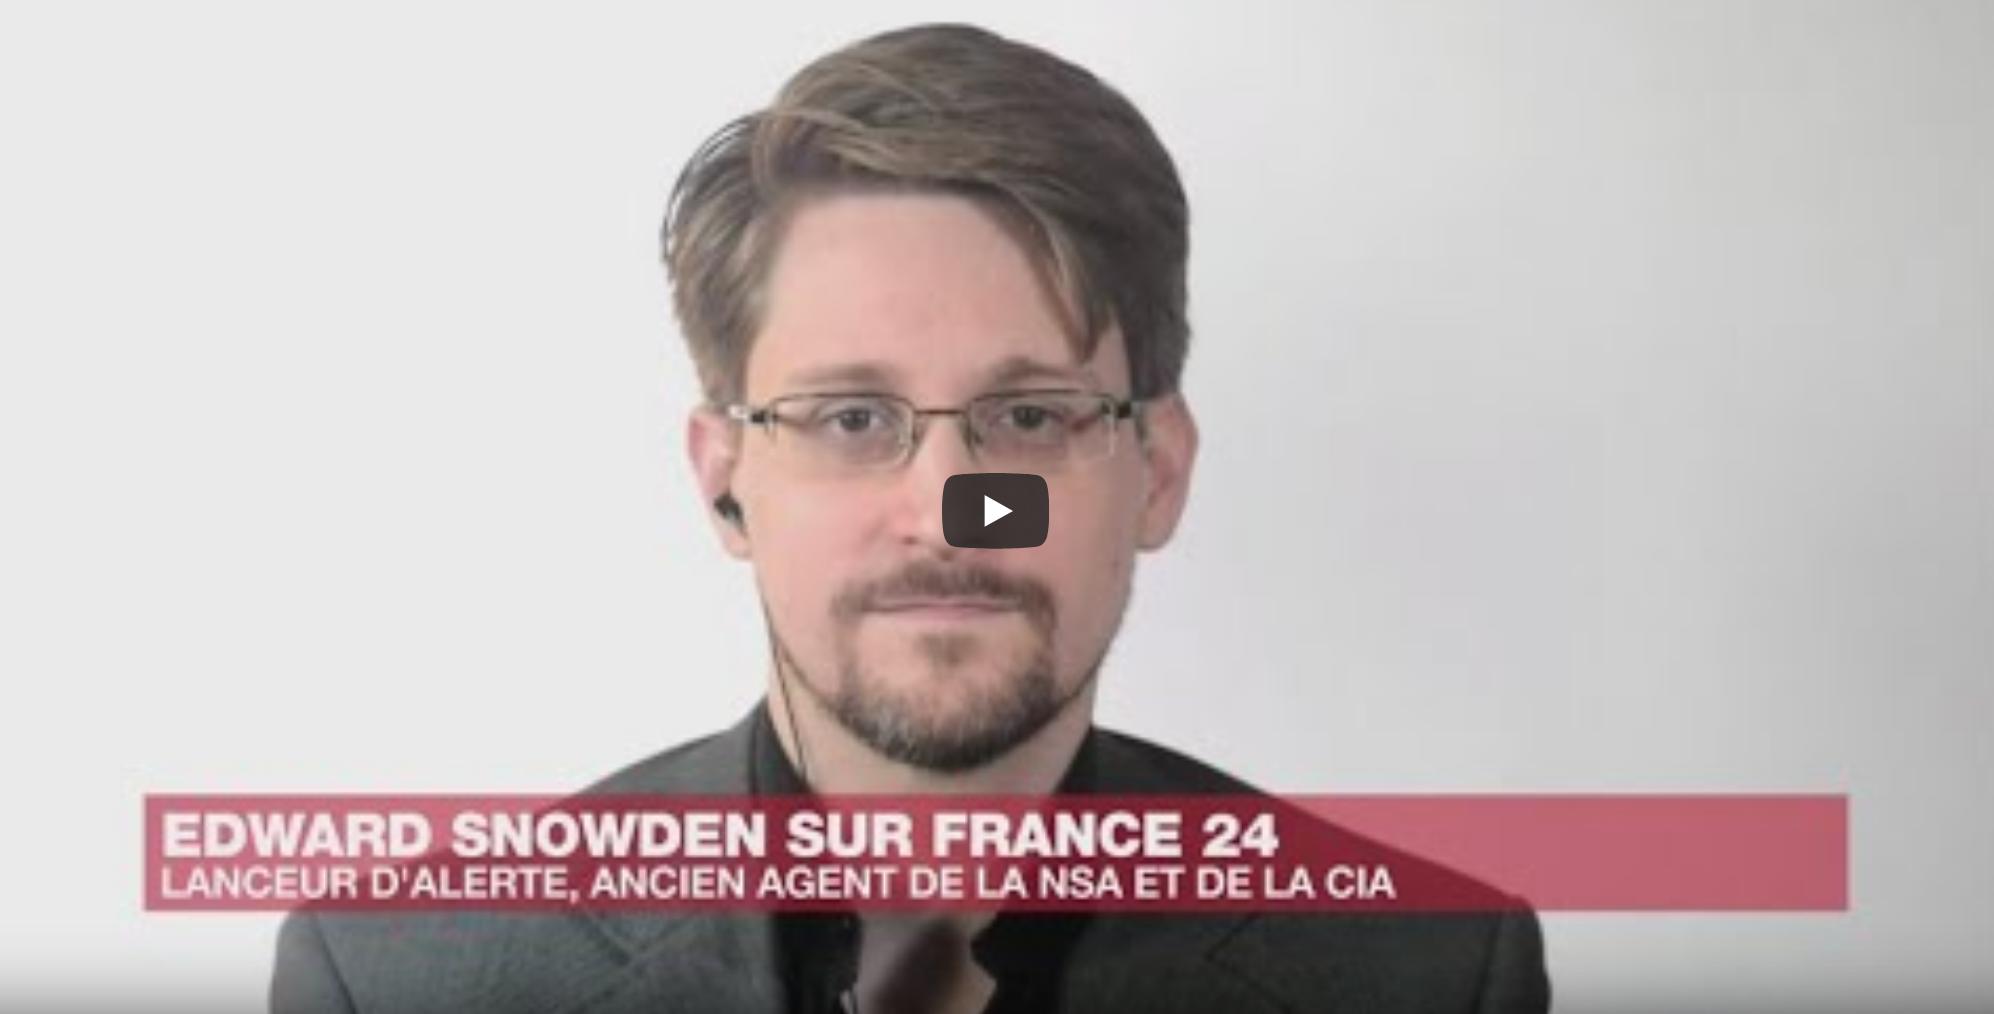 """Entretien exclusif avec Edward Snowden : """"On a changé les lois pour légitimer la surveillance"""" (VIDÉO)"""